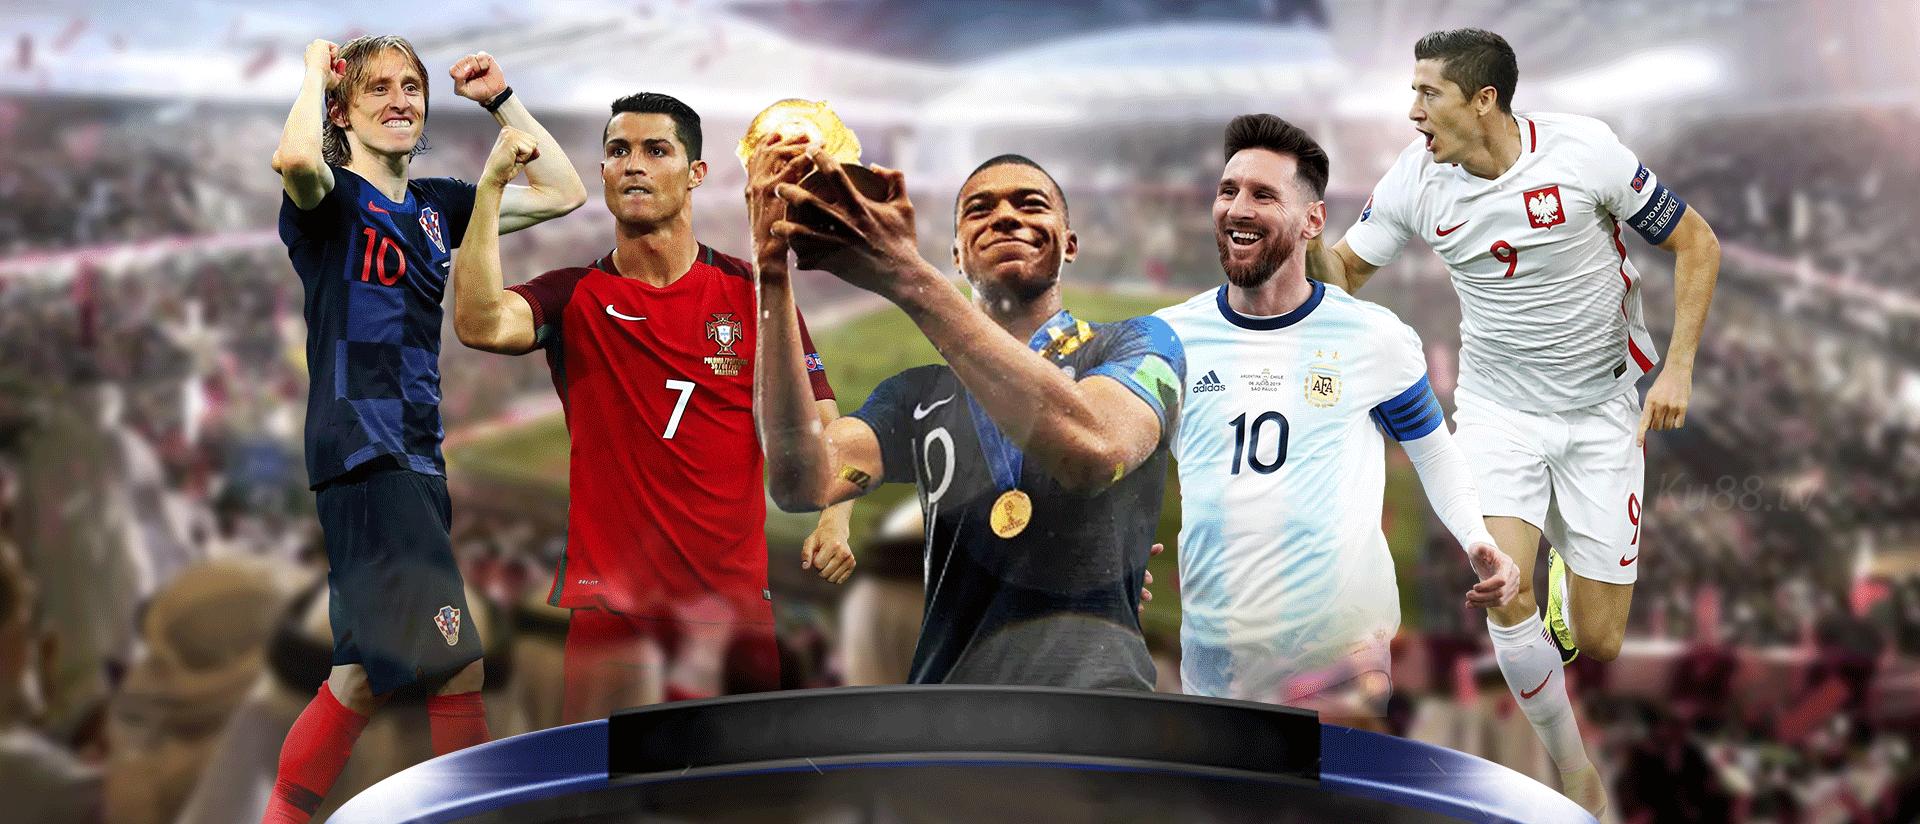 Tại sao Bóng đá 24h lại thu hút lượng lớn người chơi?